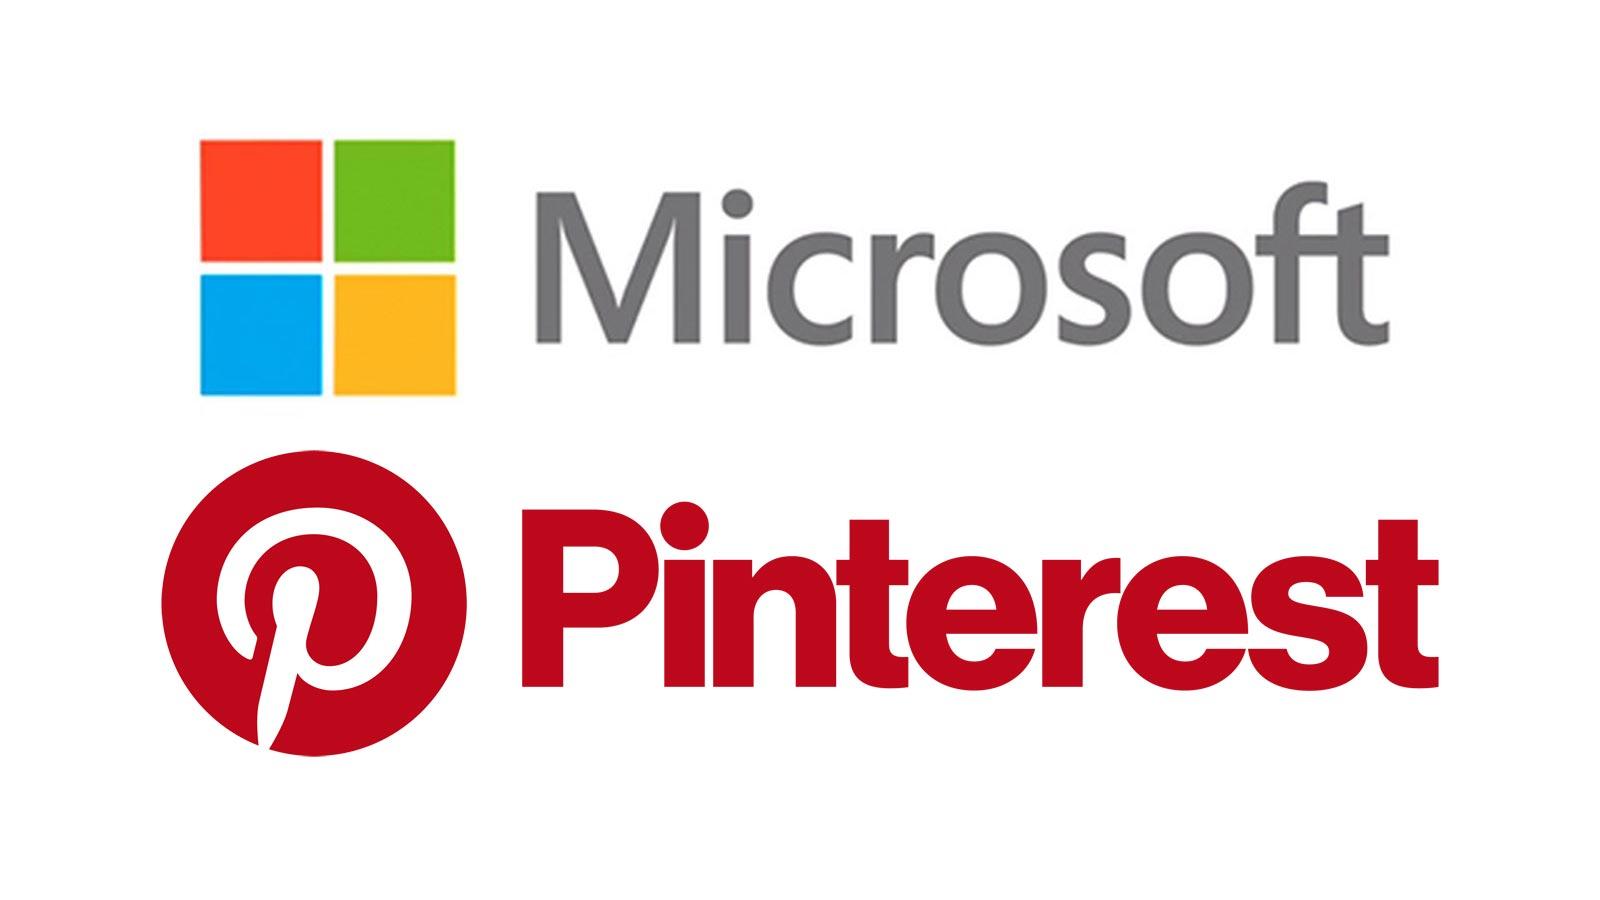 Microsoft aurait tenté de racheter Pinterest pour 51 milliards de dollars - Xboxygen